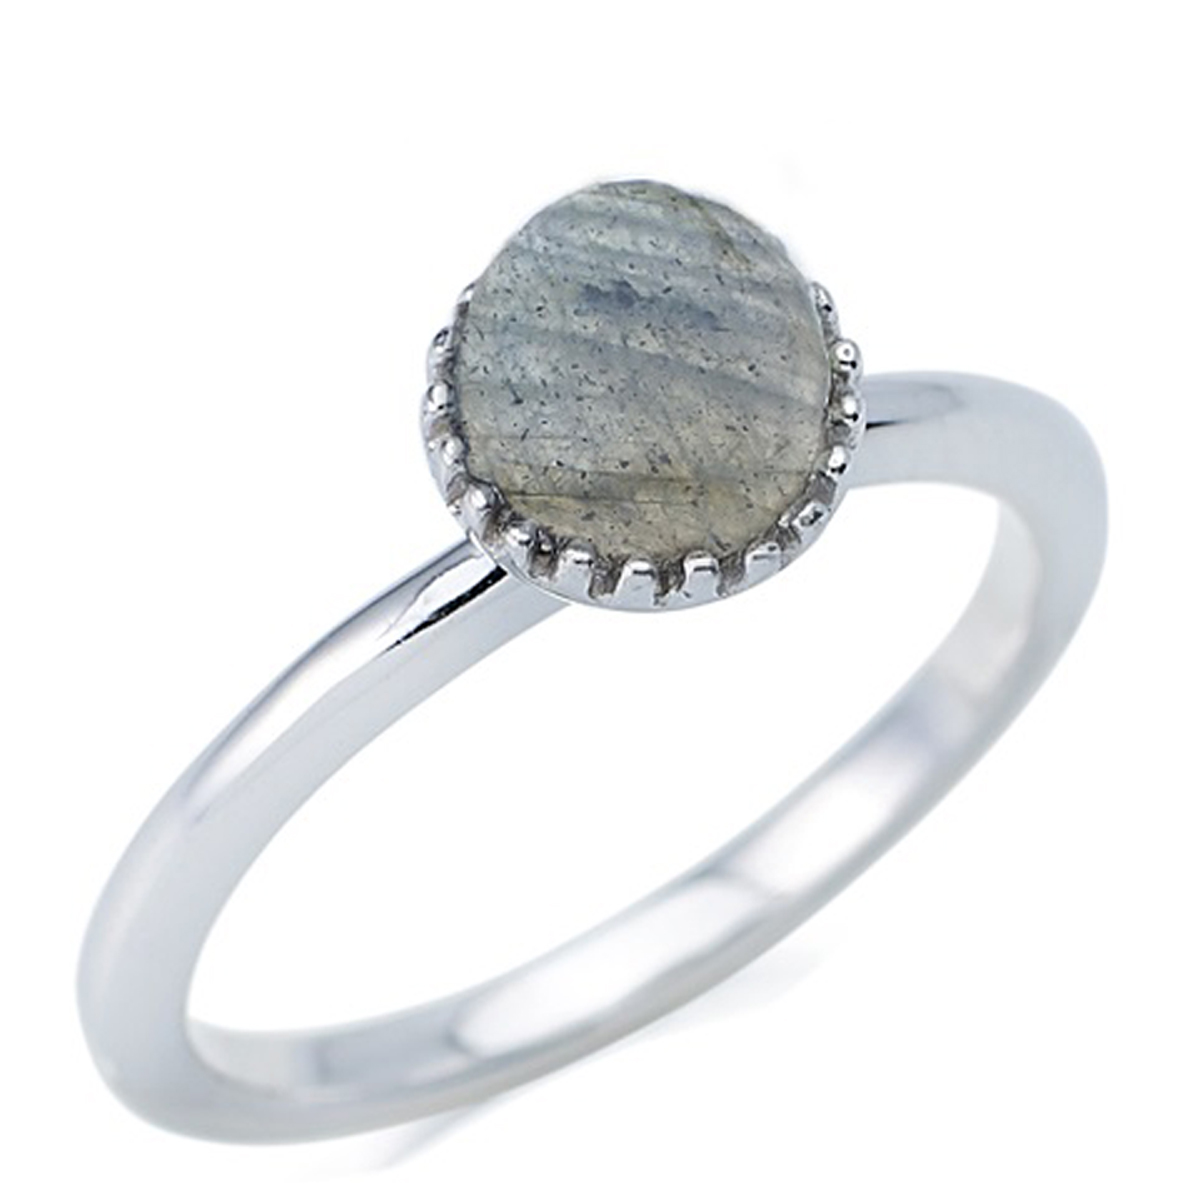 Bague Argent \'Meghan\' labradorite argenté (rhodié) - boule 6 mm - [R0793]